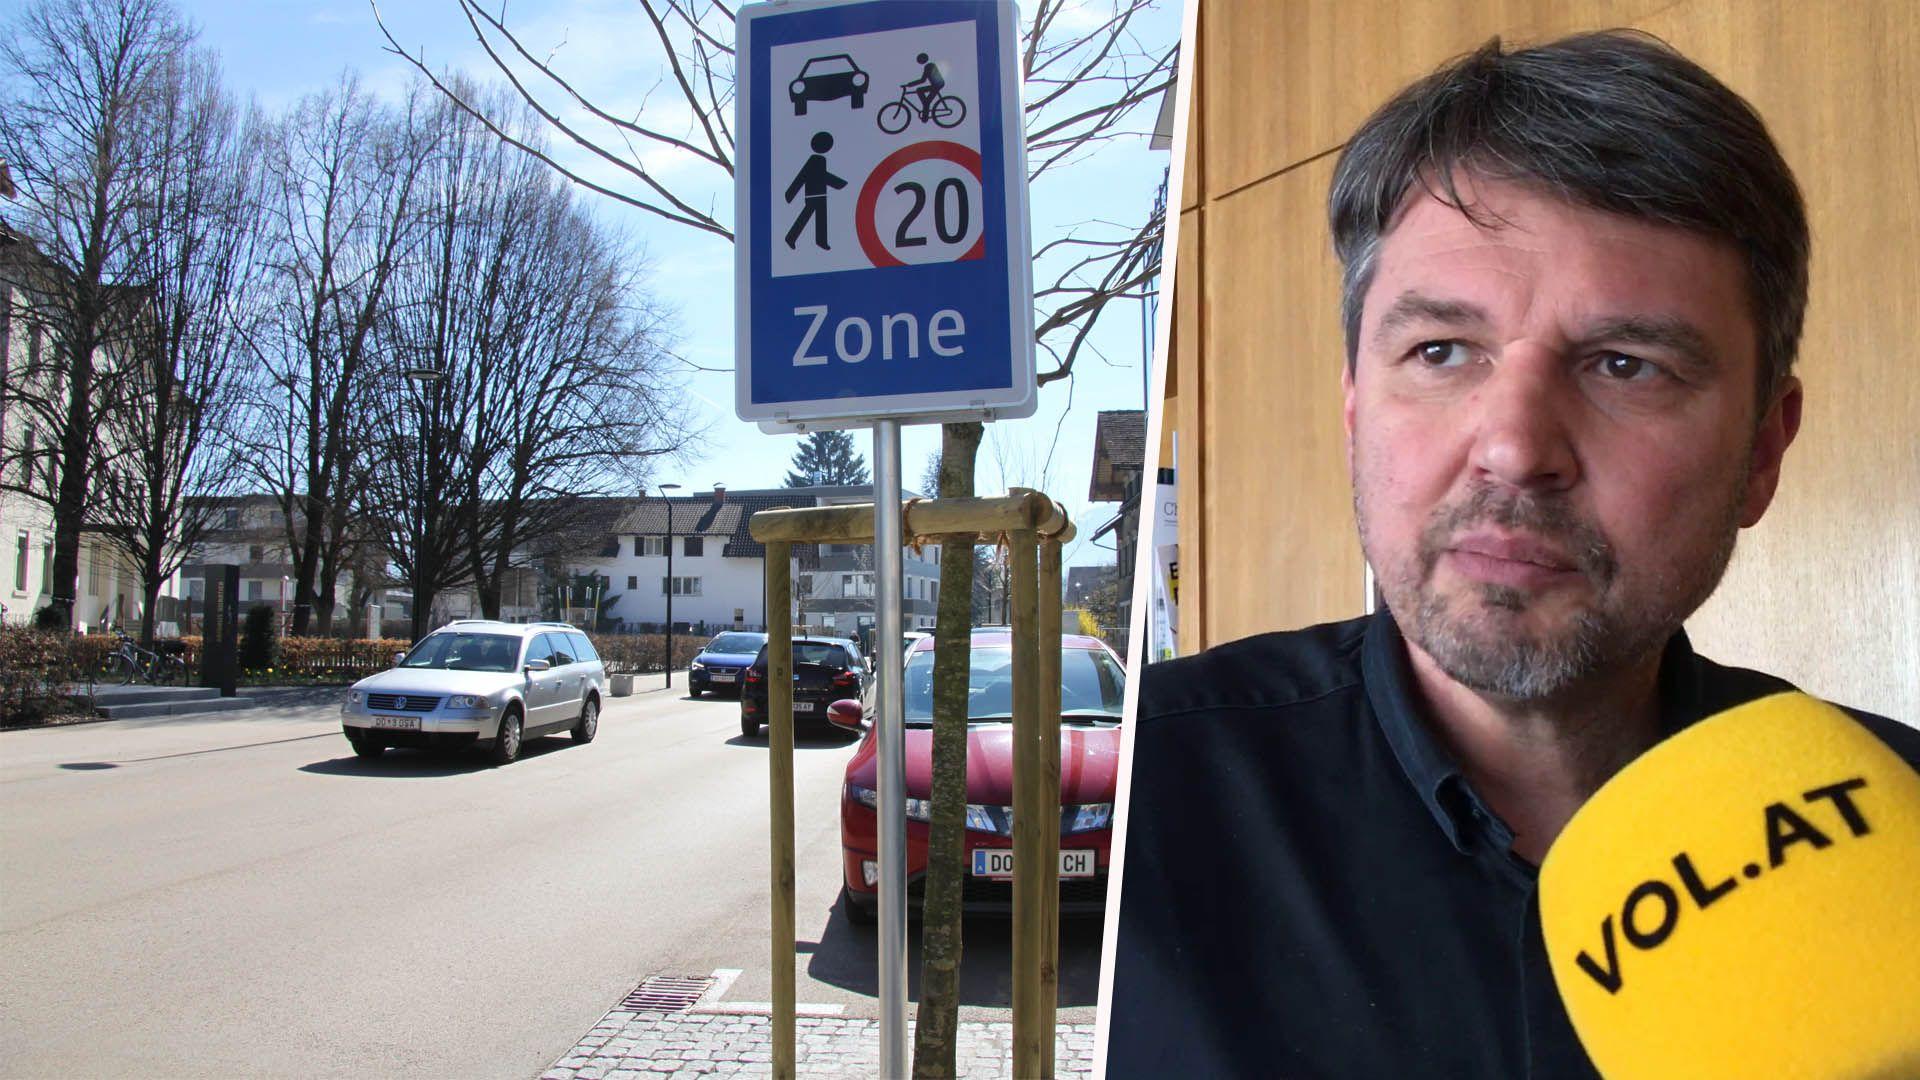 Lustenau-Kirchdorf: Neue Begegnungzone mit Tempo 20 erhitzt Gemüter